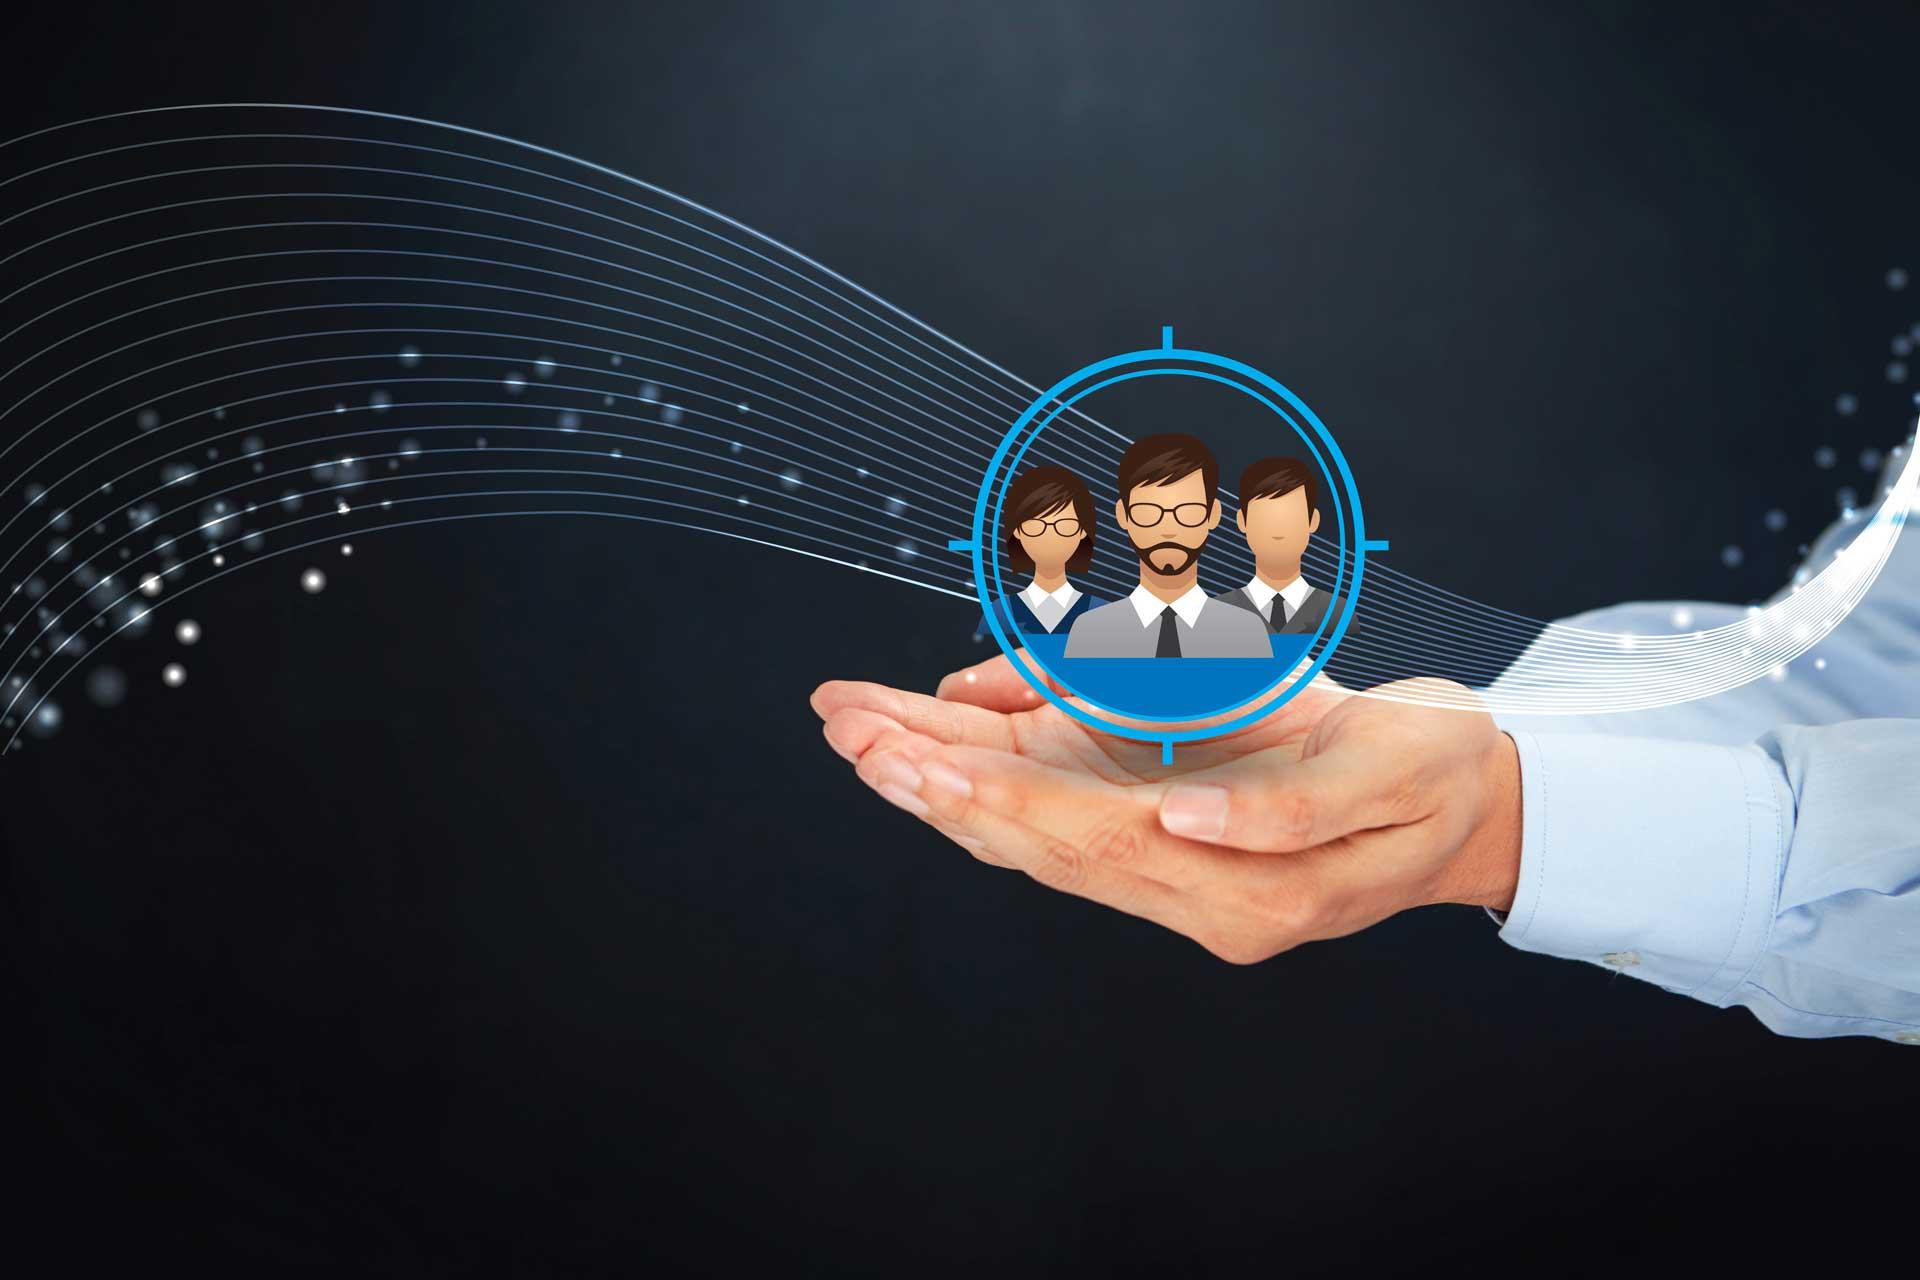 seowebb ist ihre Full Service Agentur für alle Geschäftsbereiche im Internet.